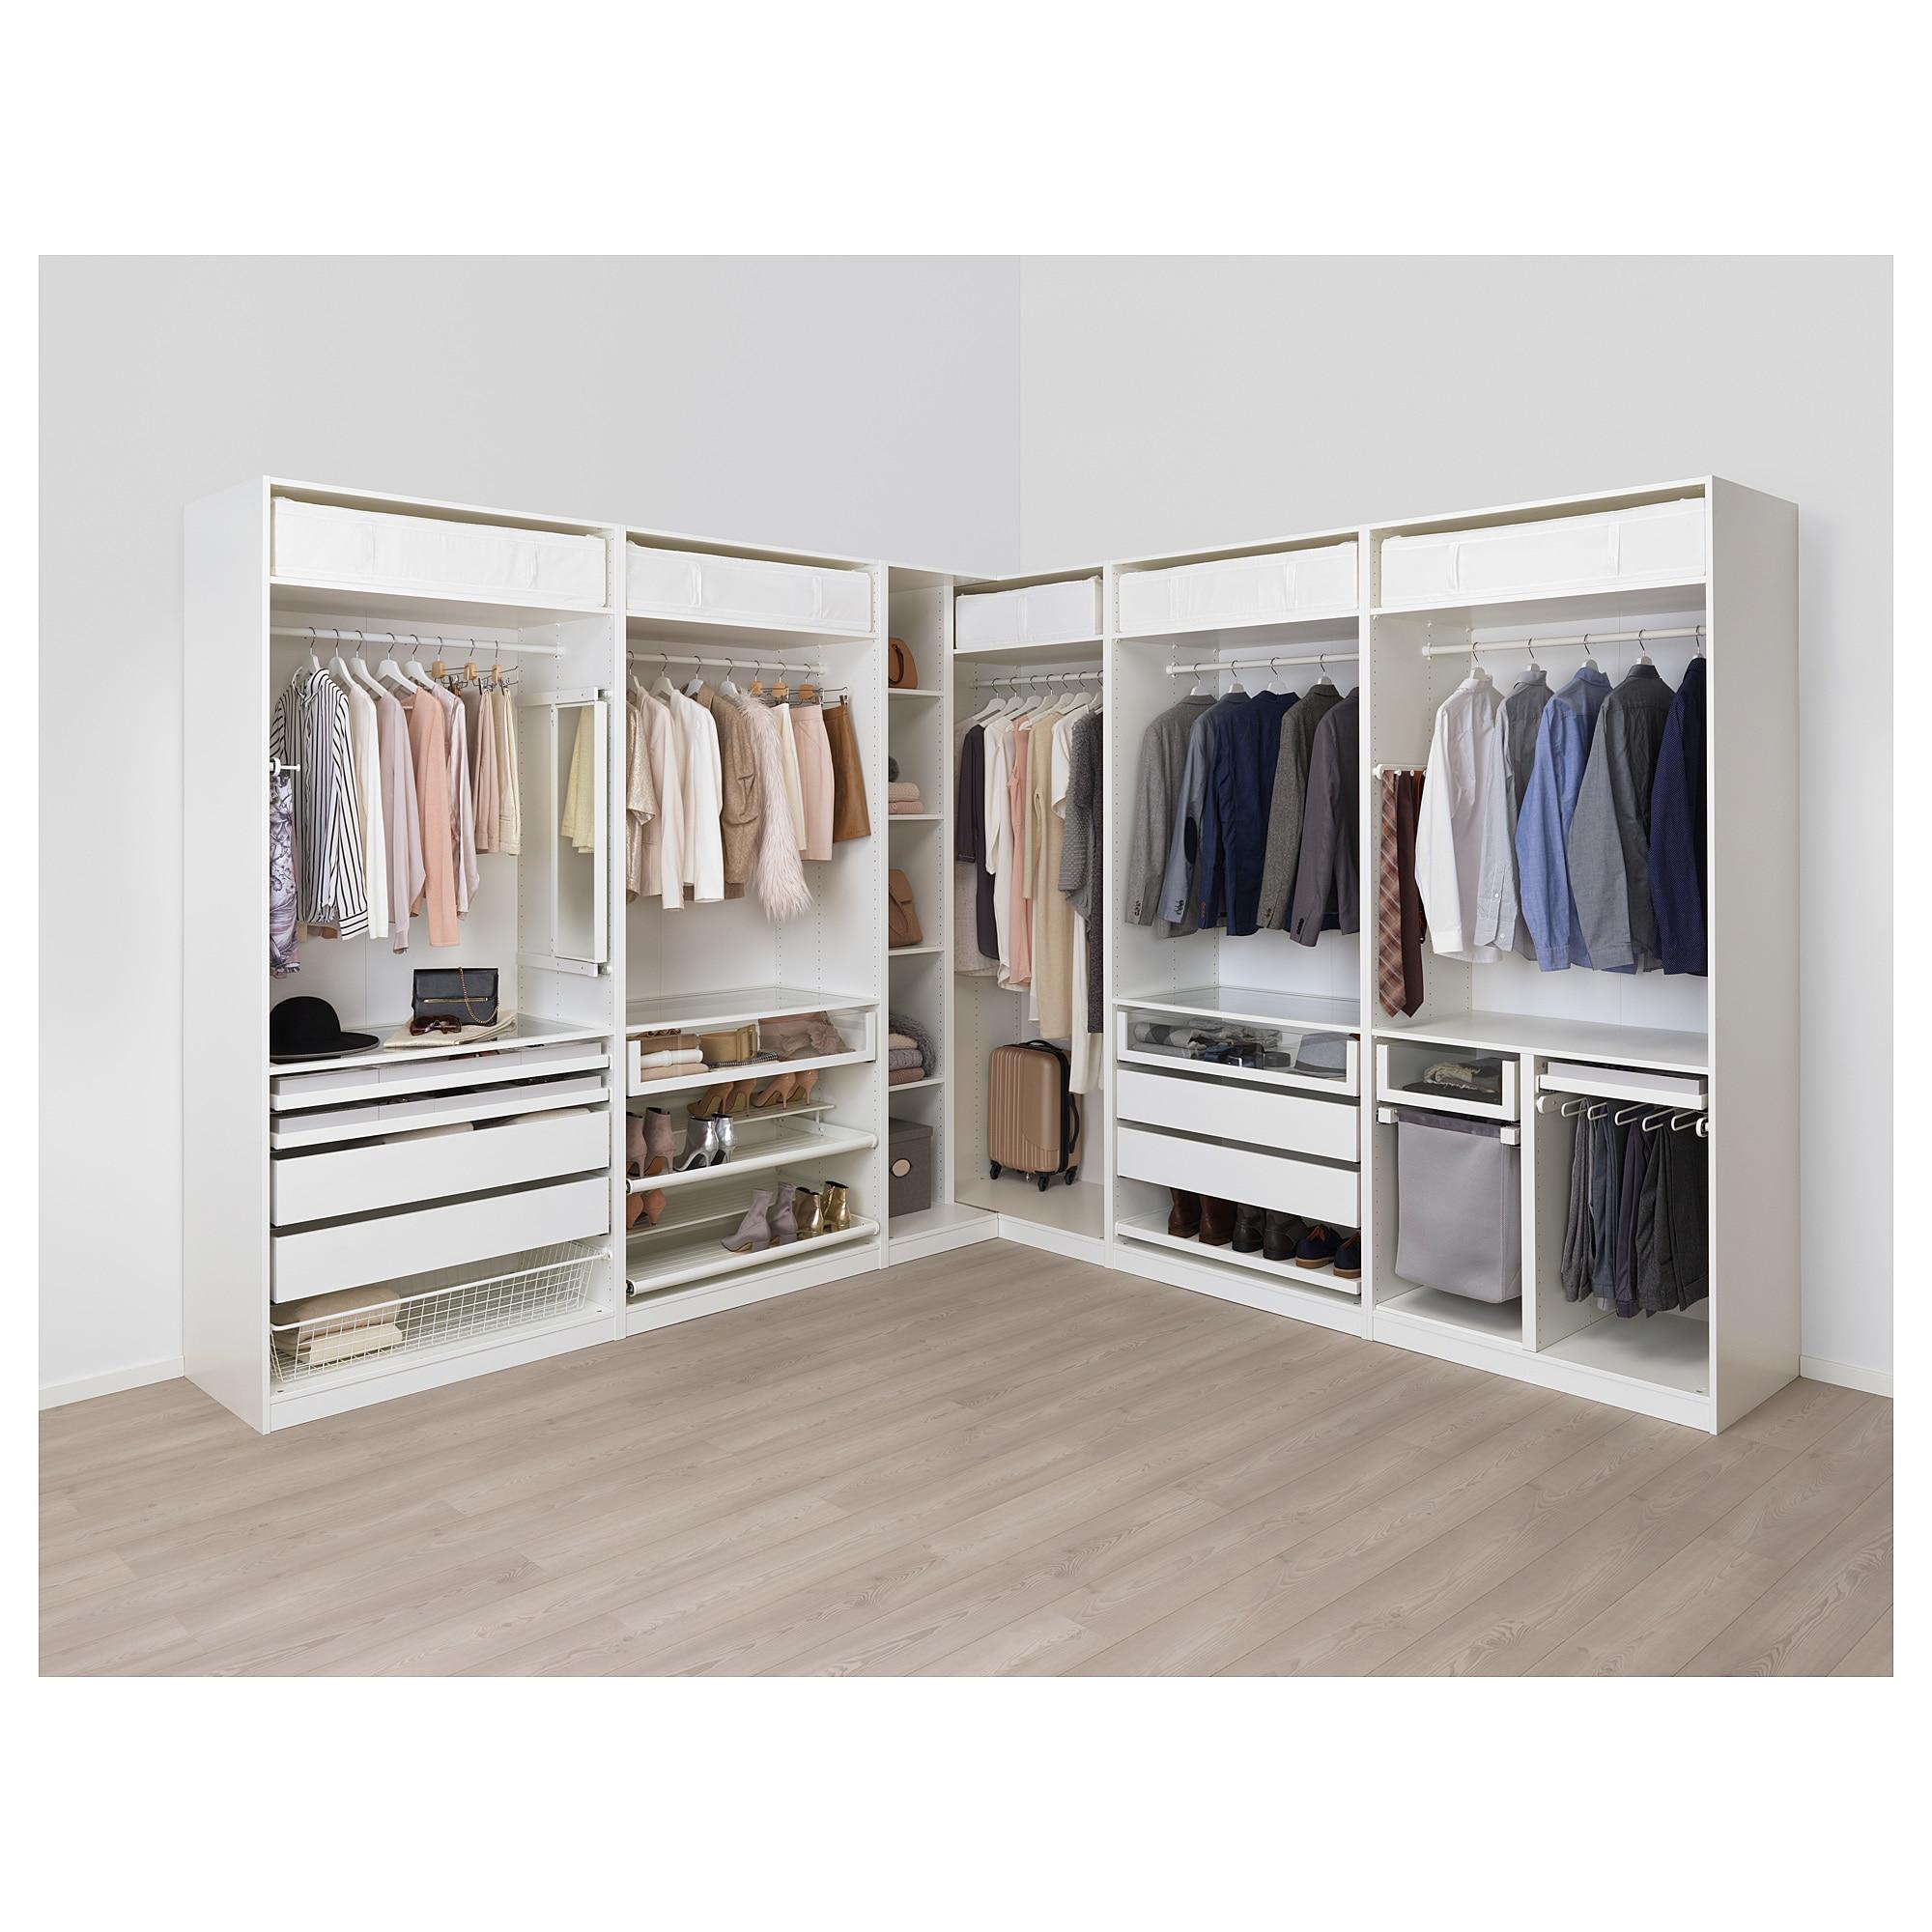 Гардероб угловой ПАКС белый артикуль № 492.751.54 в наличии. Интернет магазин IKEA РБ. Недорогая доставка и монтаж.